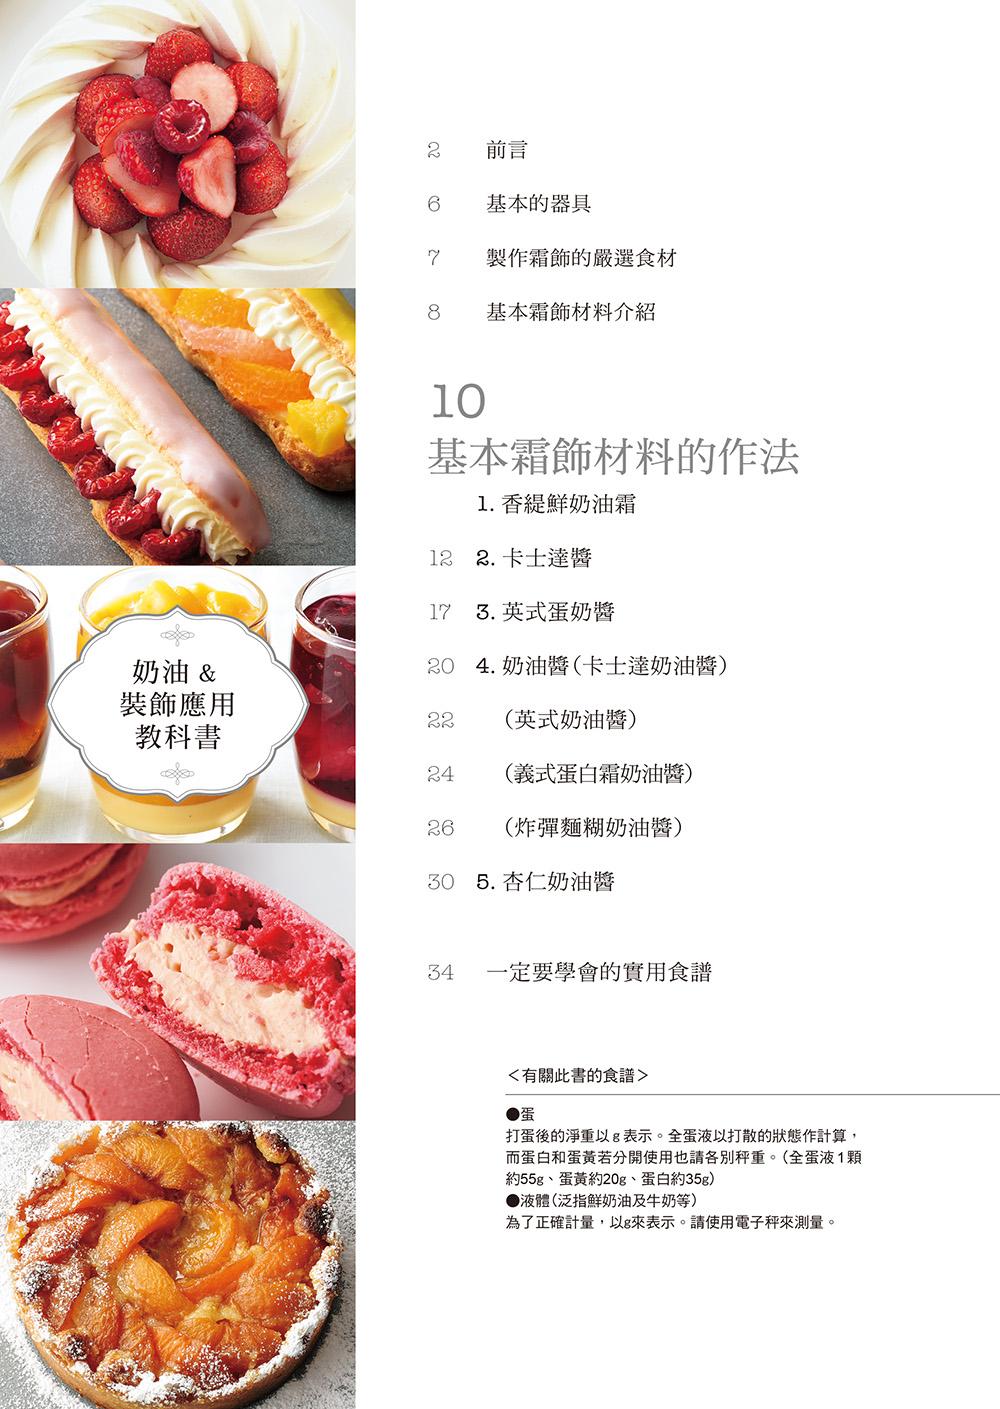 ◤博客來BOOKS◢ 暢銷書榜《推薦》奶油&裝飾應用教科書:5大奶油醬的夾餡&延伸裝飾活用術